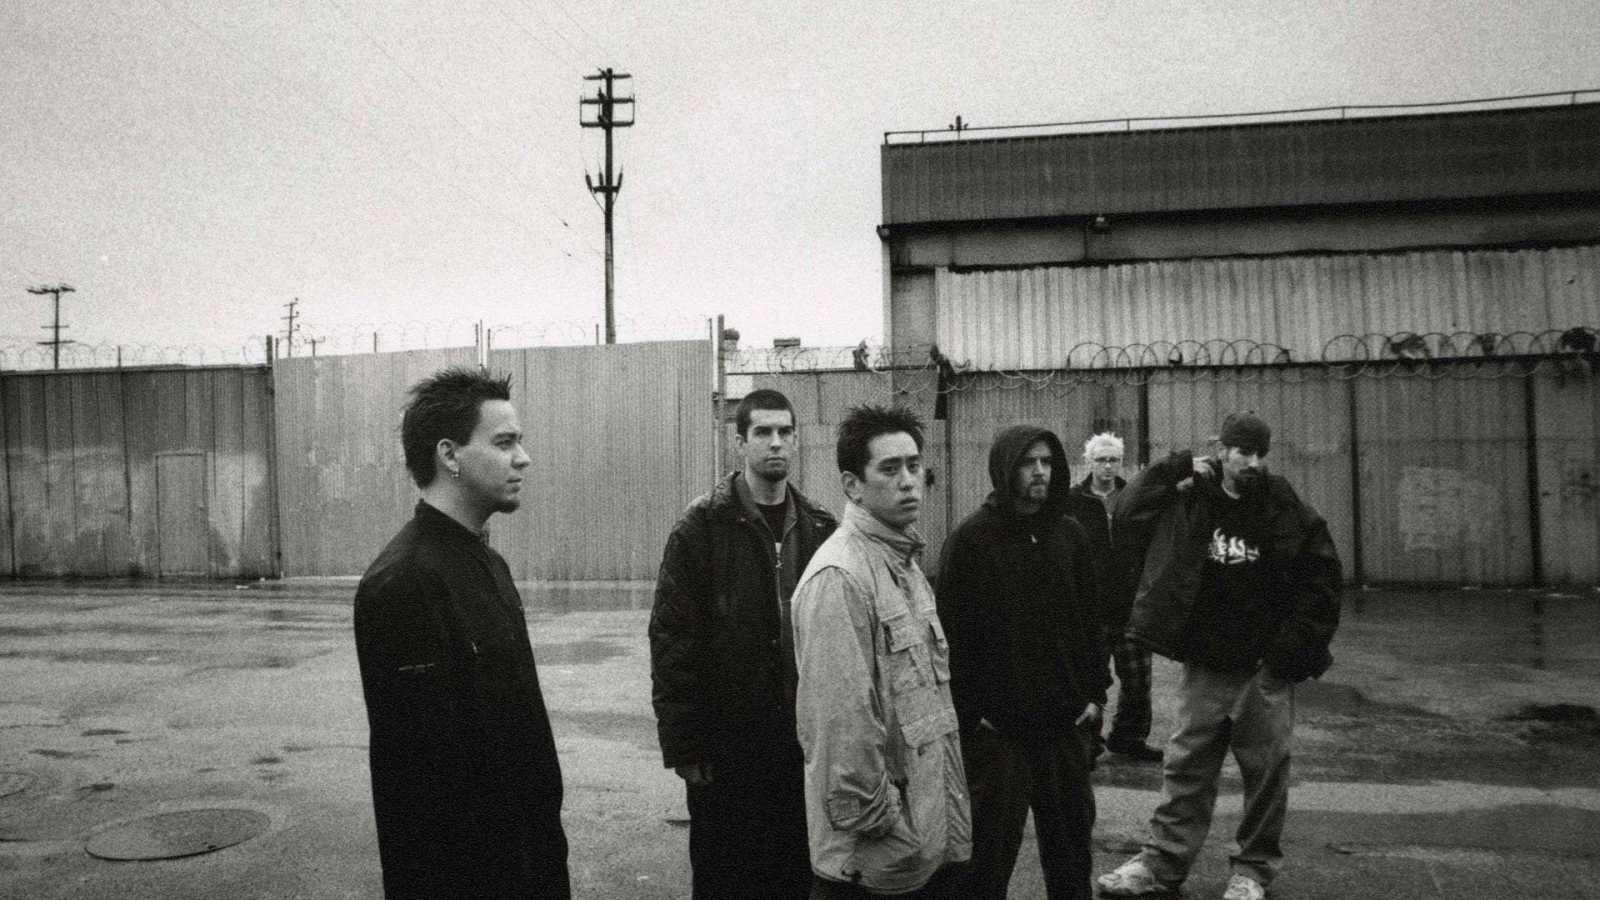 180 grados - Linkin Park, Placebo, Blur... de viernes - 23/10/20 - escuchar ahora